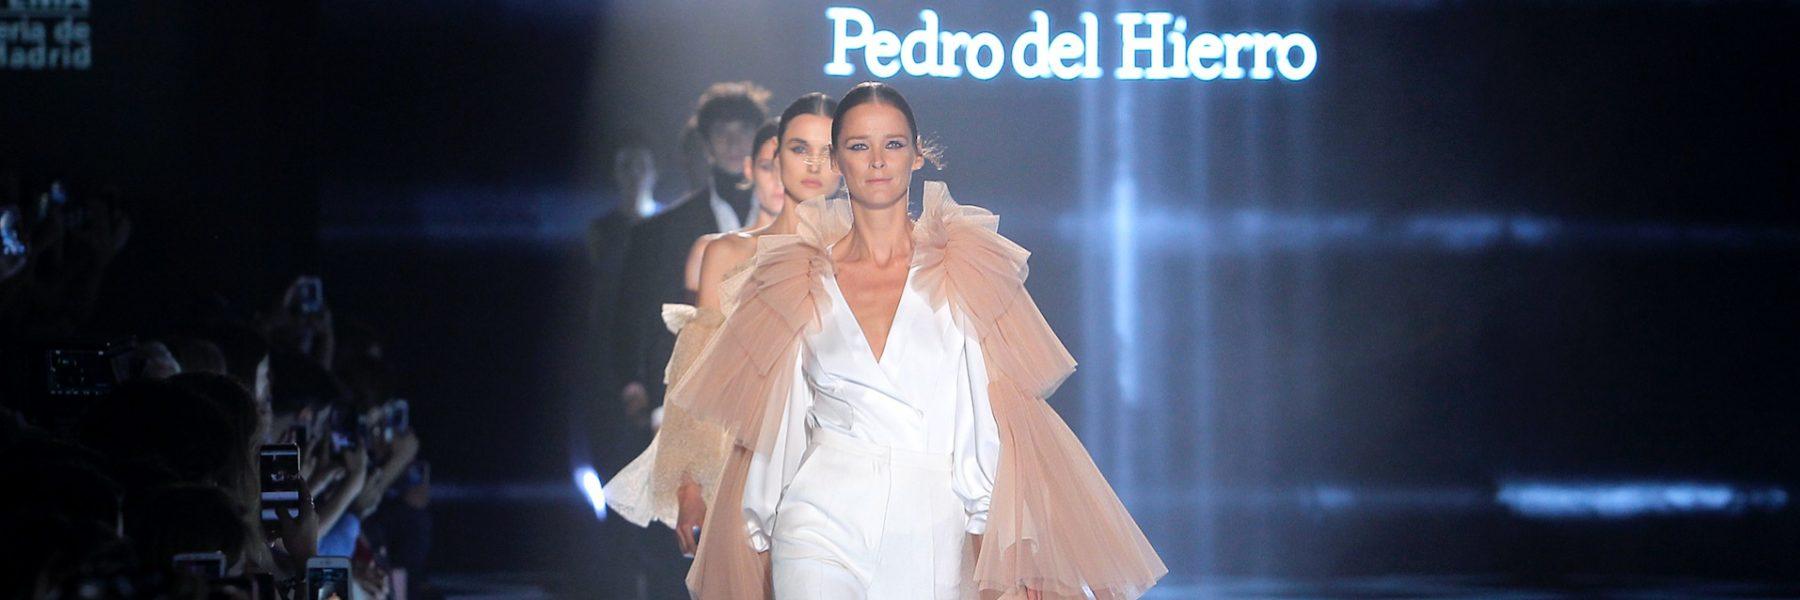 Blanca Padilla, ex ángel de Victoria's Secret o Carmen Kass, entre las modelos del imponente desfile de Pedro del Hierro inspirado en el barroco